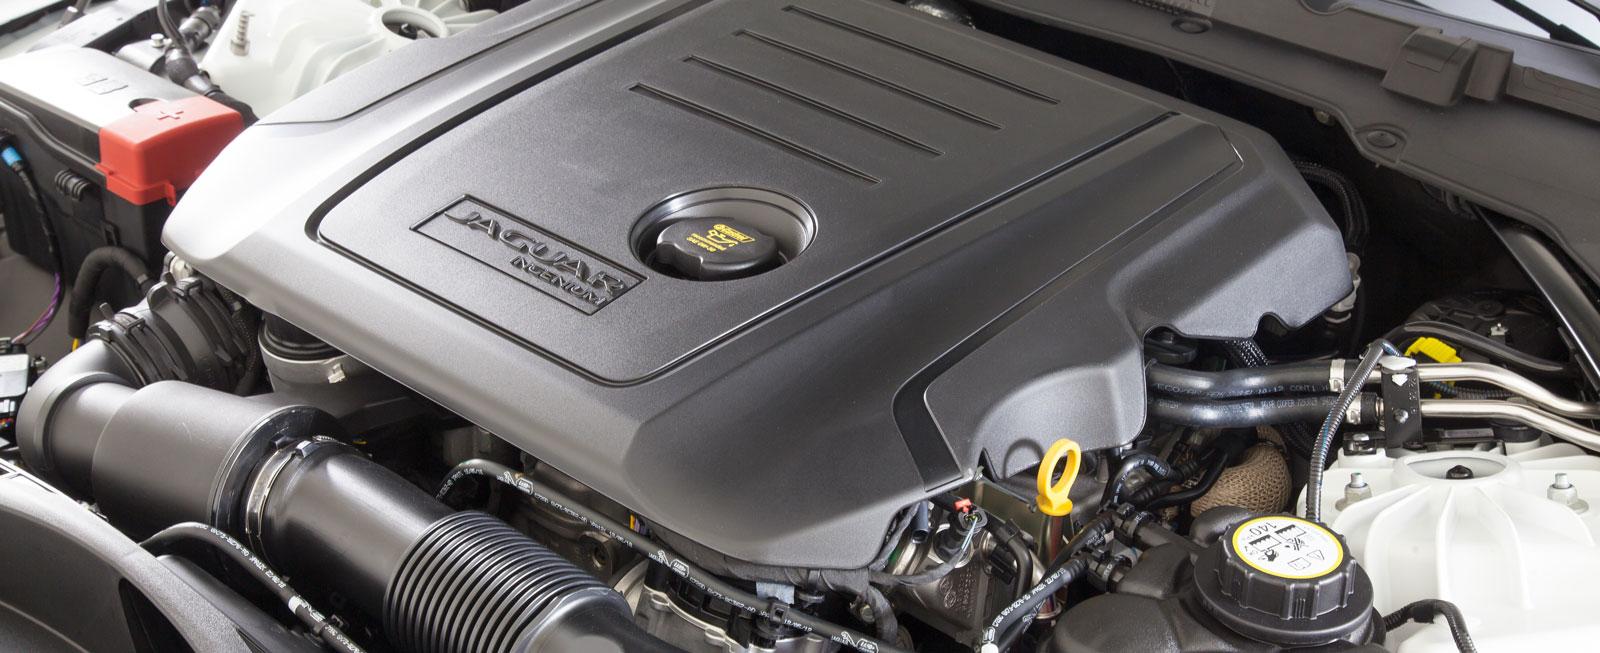 Stark och mjuk gång men jämförelsevis högt ljud från Jaguars tvålitersdiesel. Förbrukningen blev också högre än de tyska konkurrenternas.